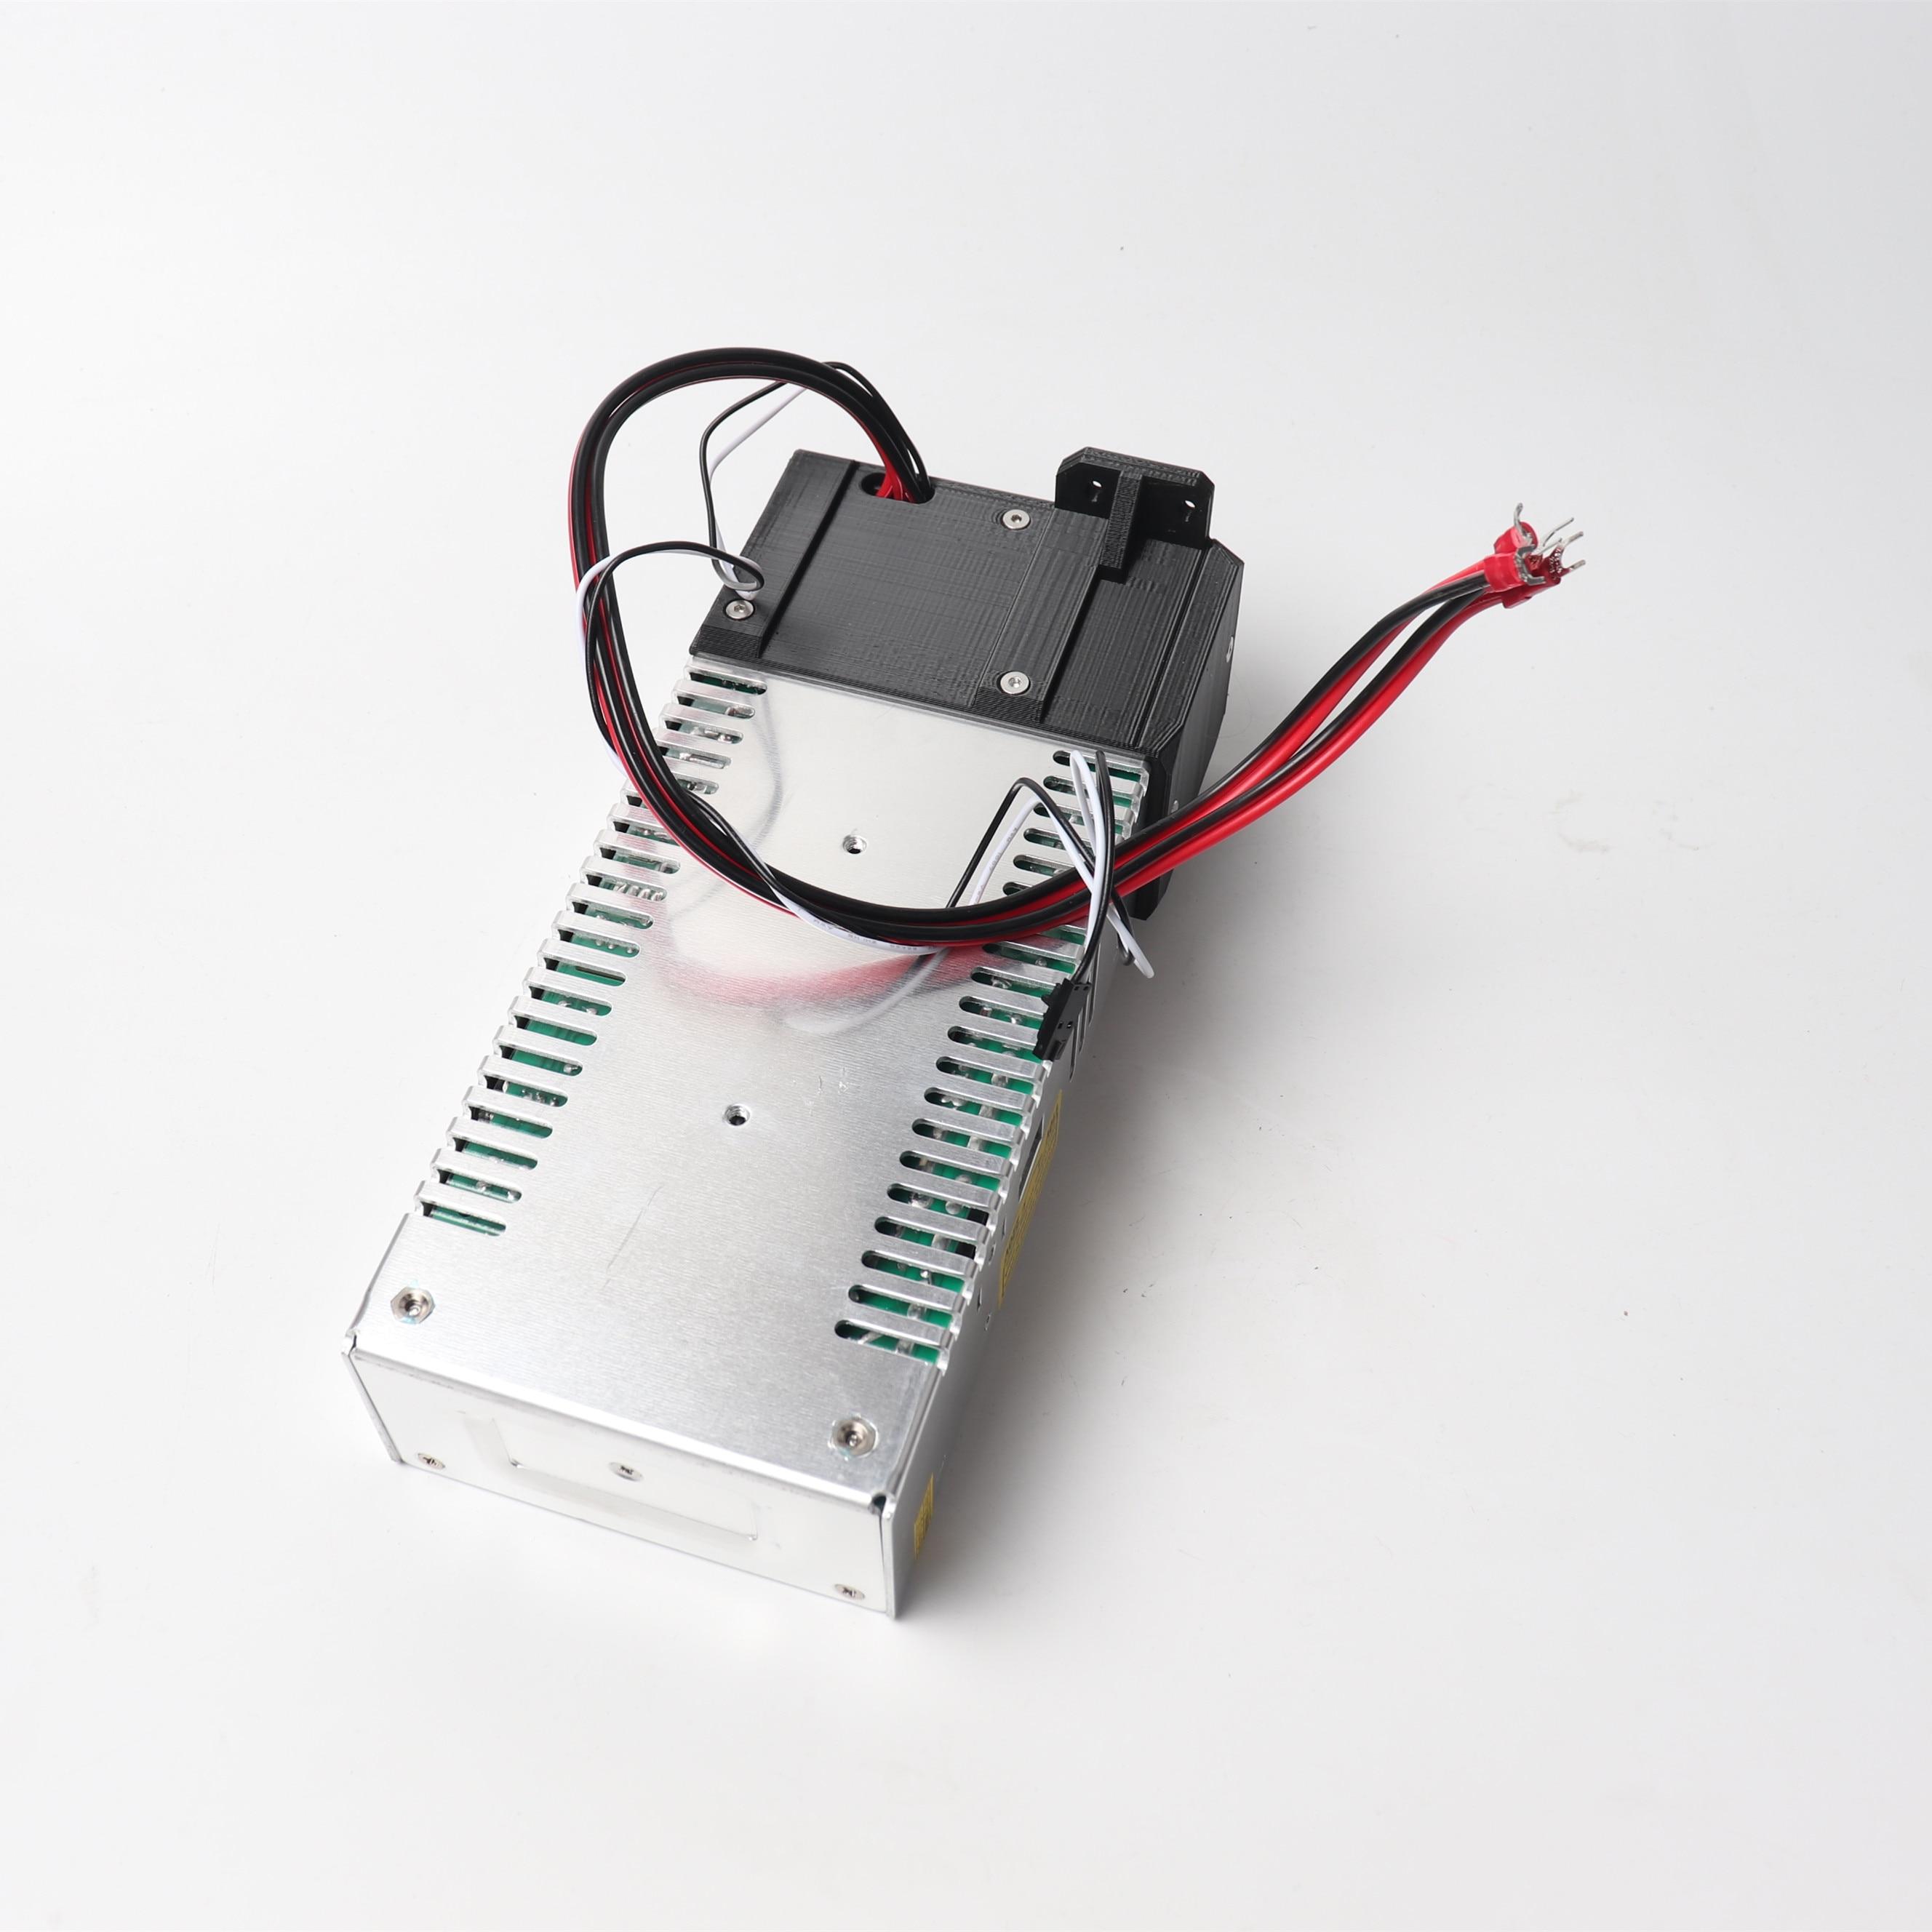 Prusa i3 MK3 MK3S Power supply unit 24V 350W PSU